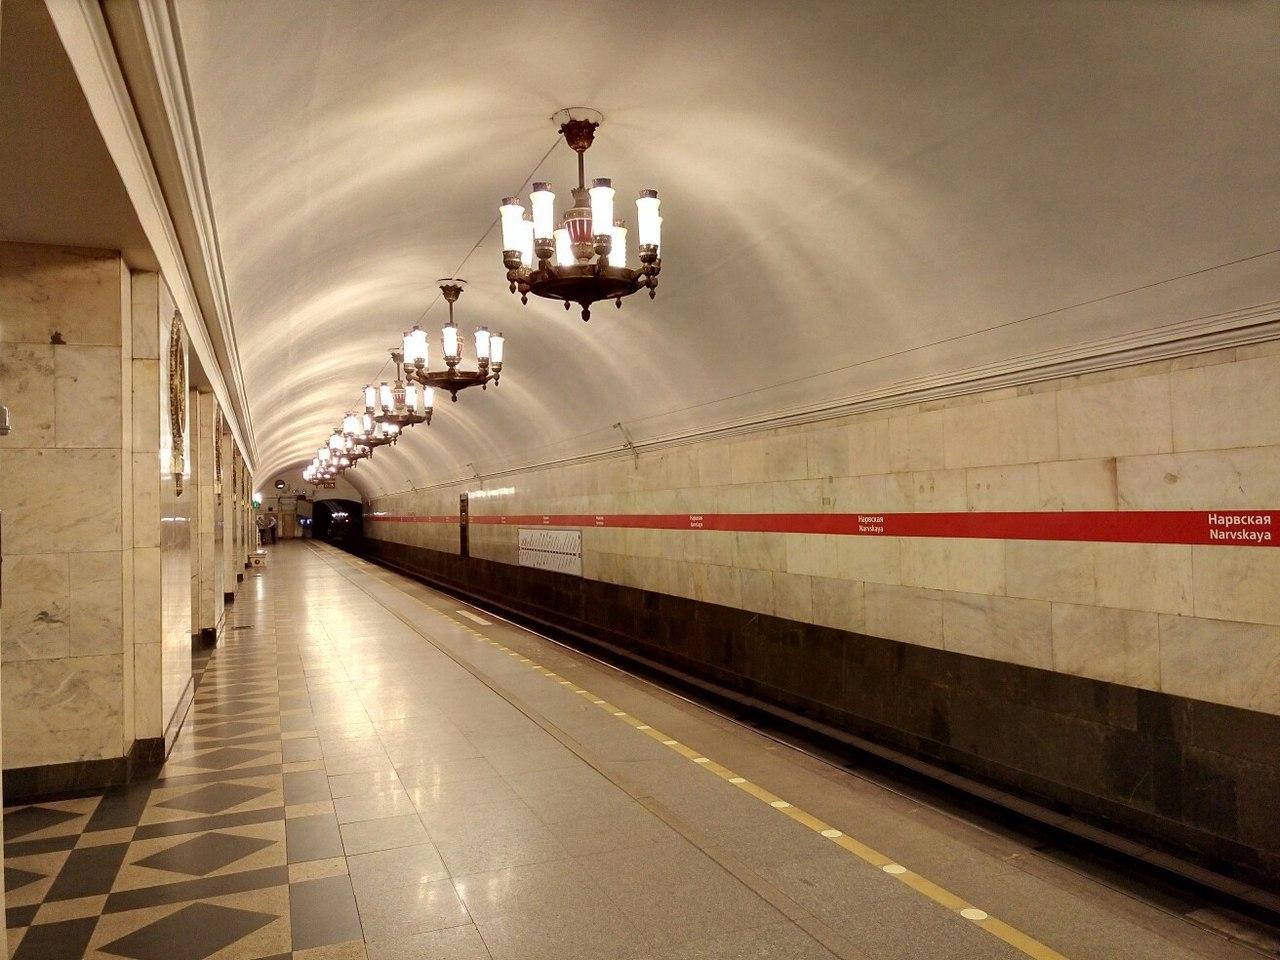 """Станция метро """"Нарвская"""". Источник: https://cs8.pikabu.ru/post_img/big/2016/05/30/7/146460436213777754.jpg"""